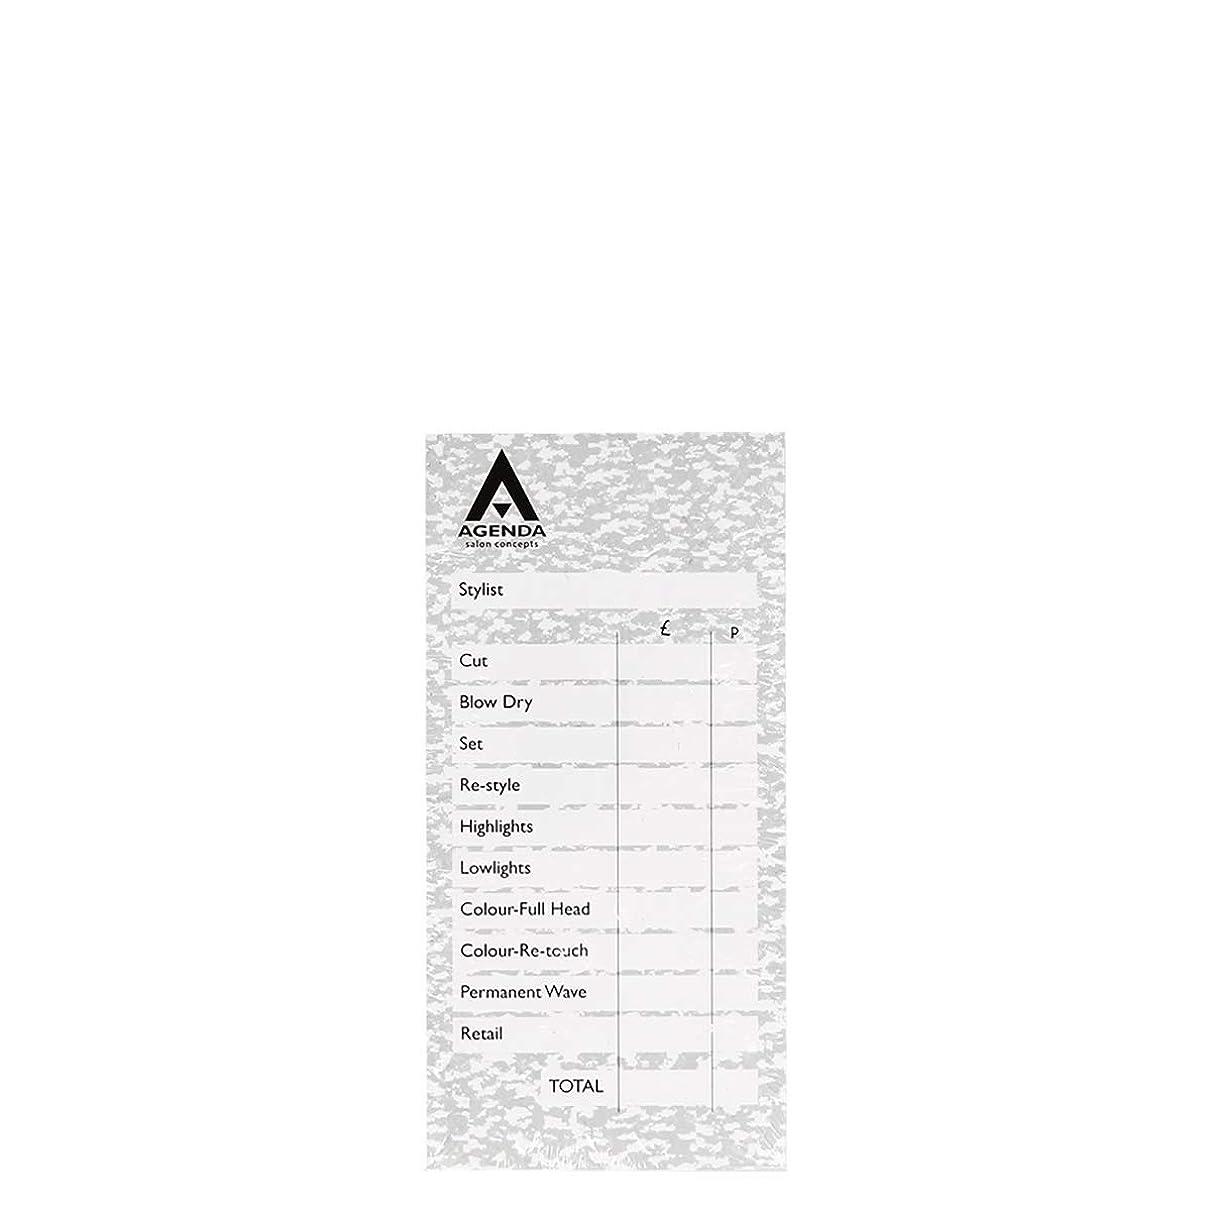 経験染料まっすぐにするアジェンダ サロンコンセプト チェックパッドグレー6x100リーフ[海外直送品] [並行輸入品]